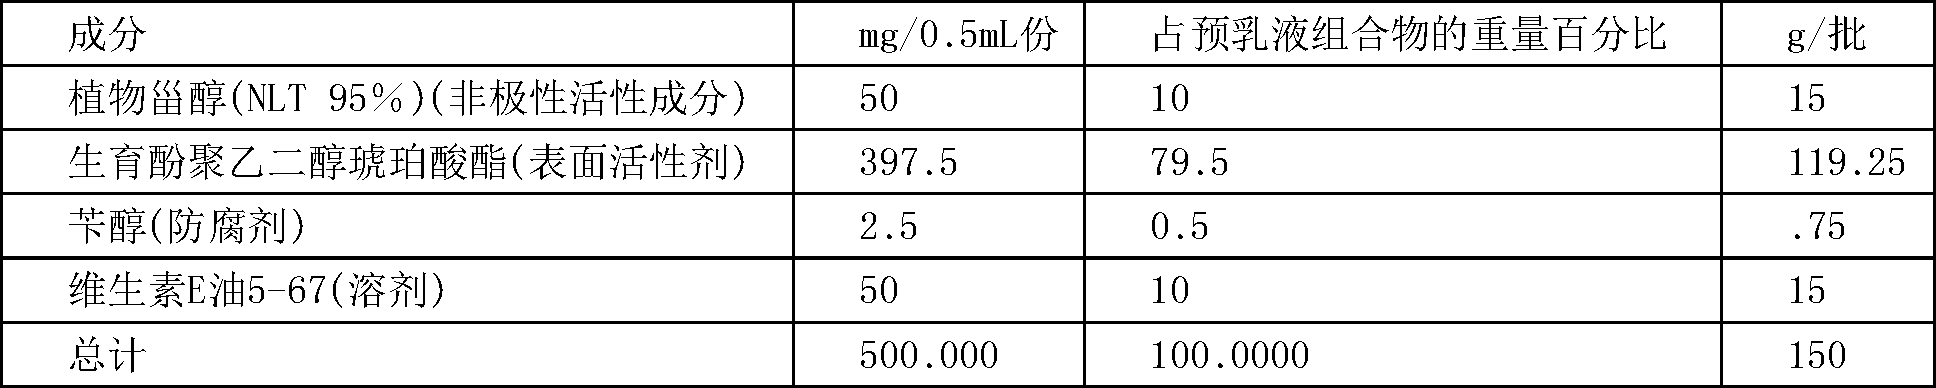 Figure CN102036661BD00921